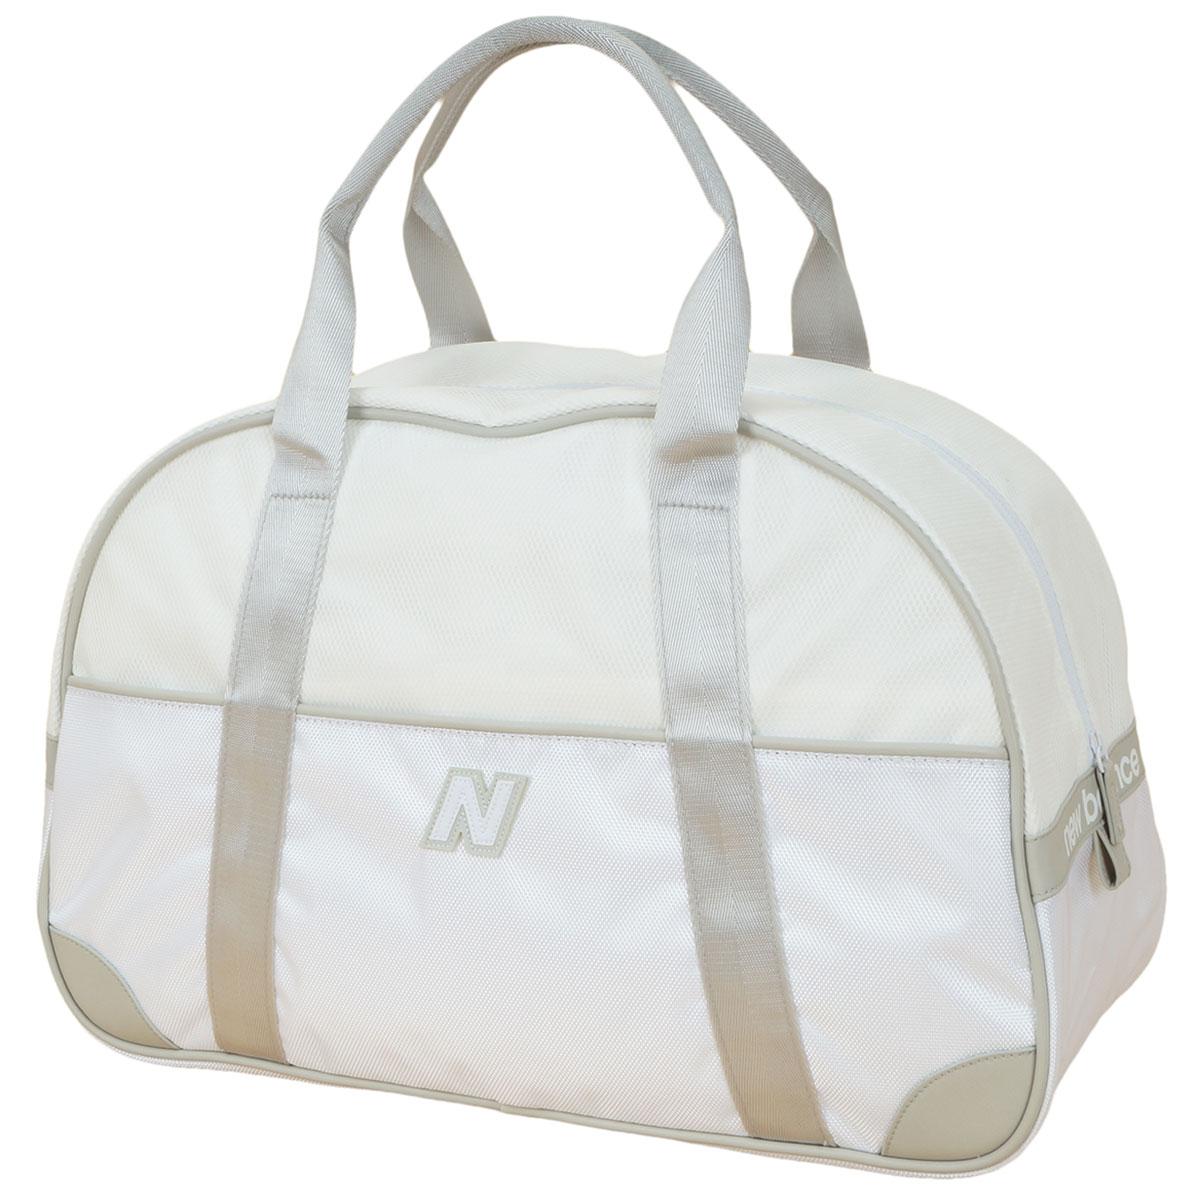 METRO Nワンポイントボストンバッグ